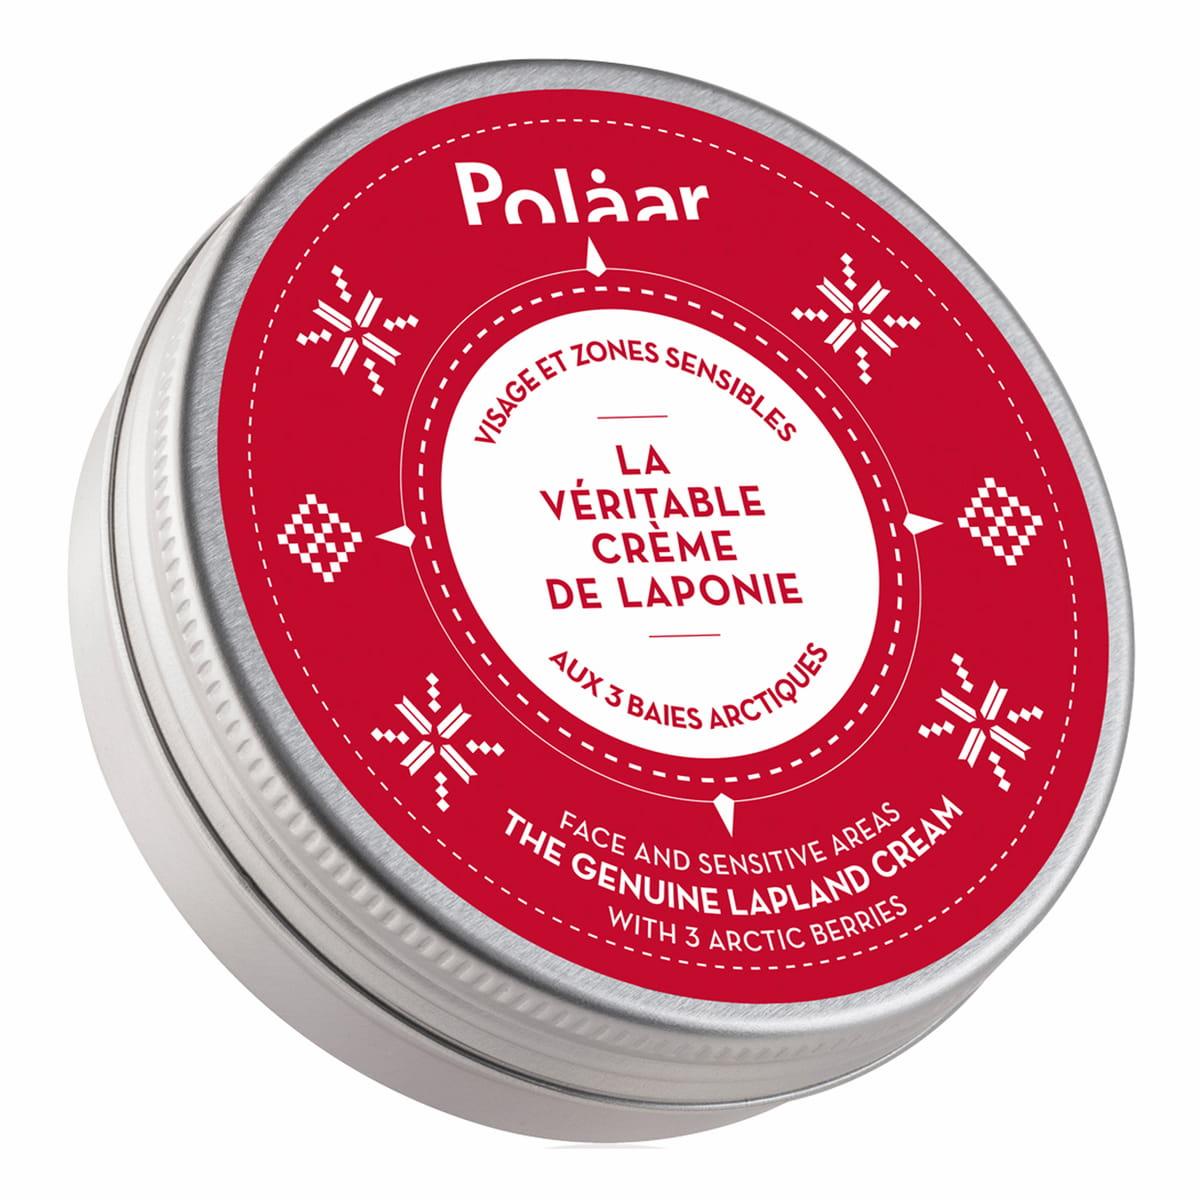 Polaar - La Véritable Crème de Laponie - Crème visage et zones sensibles